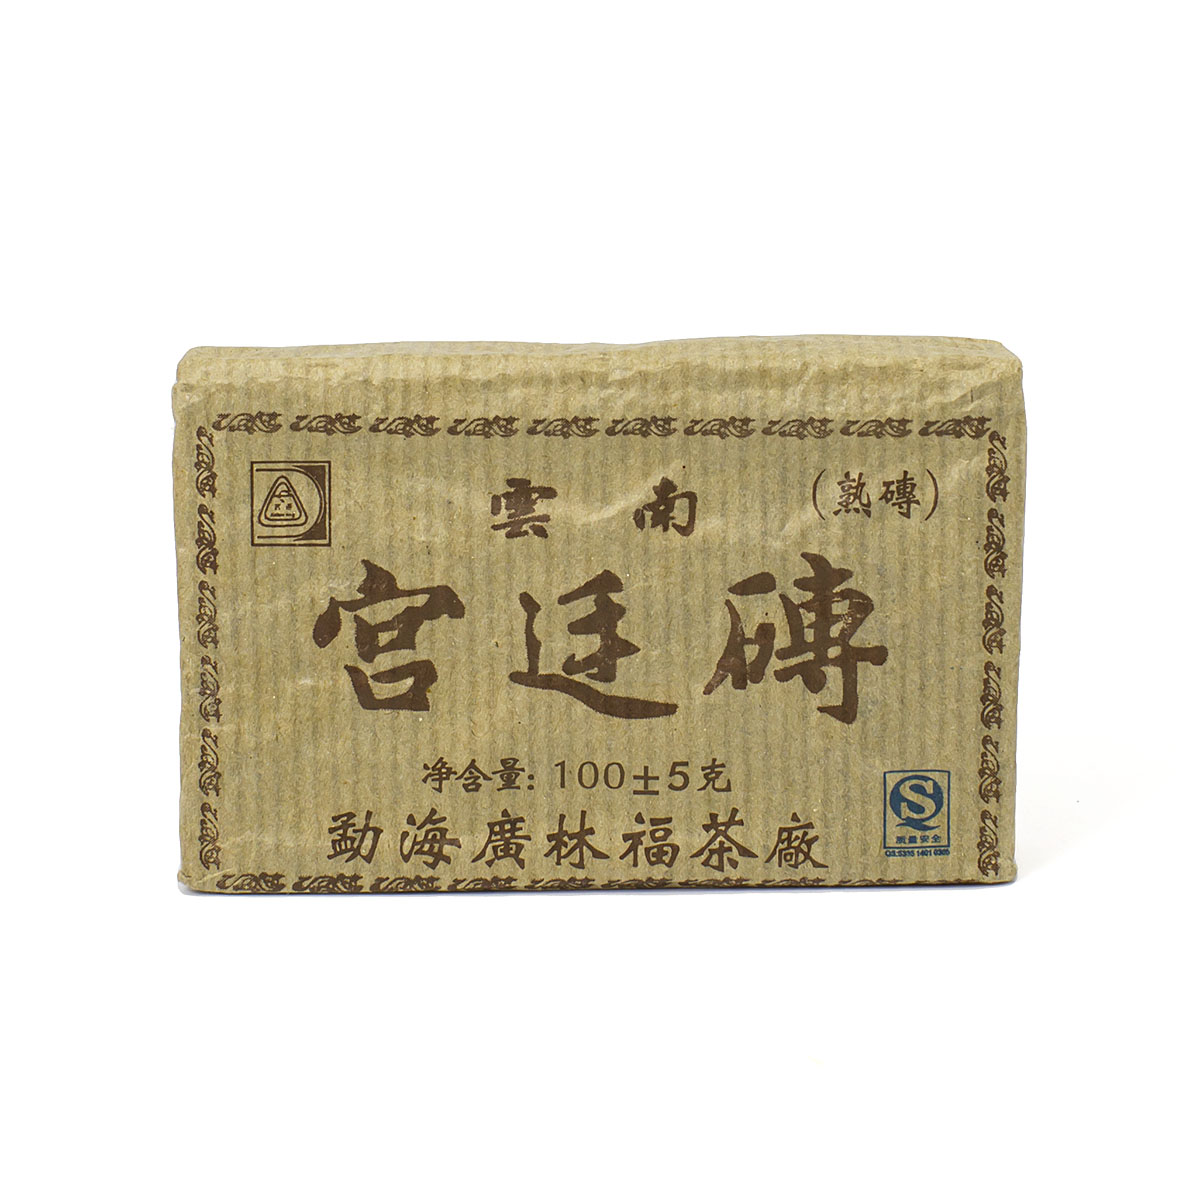 Купить со скидкой Дворцовый Шу Пуэр, 2005, плитка, 100 г